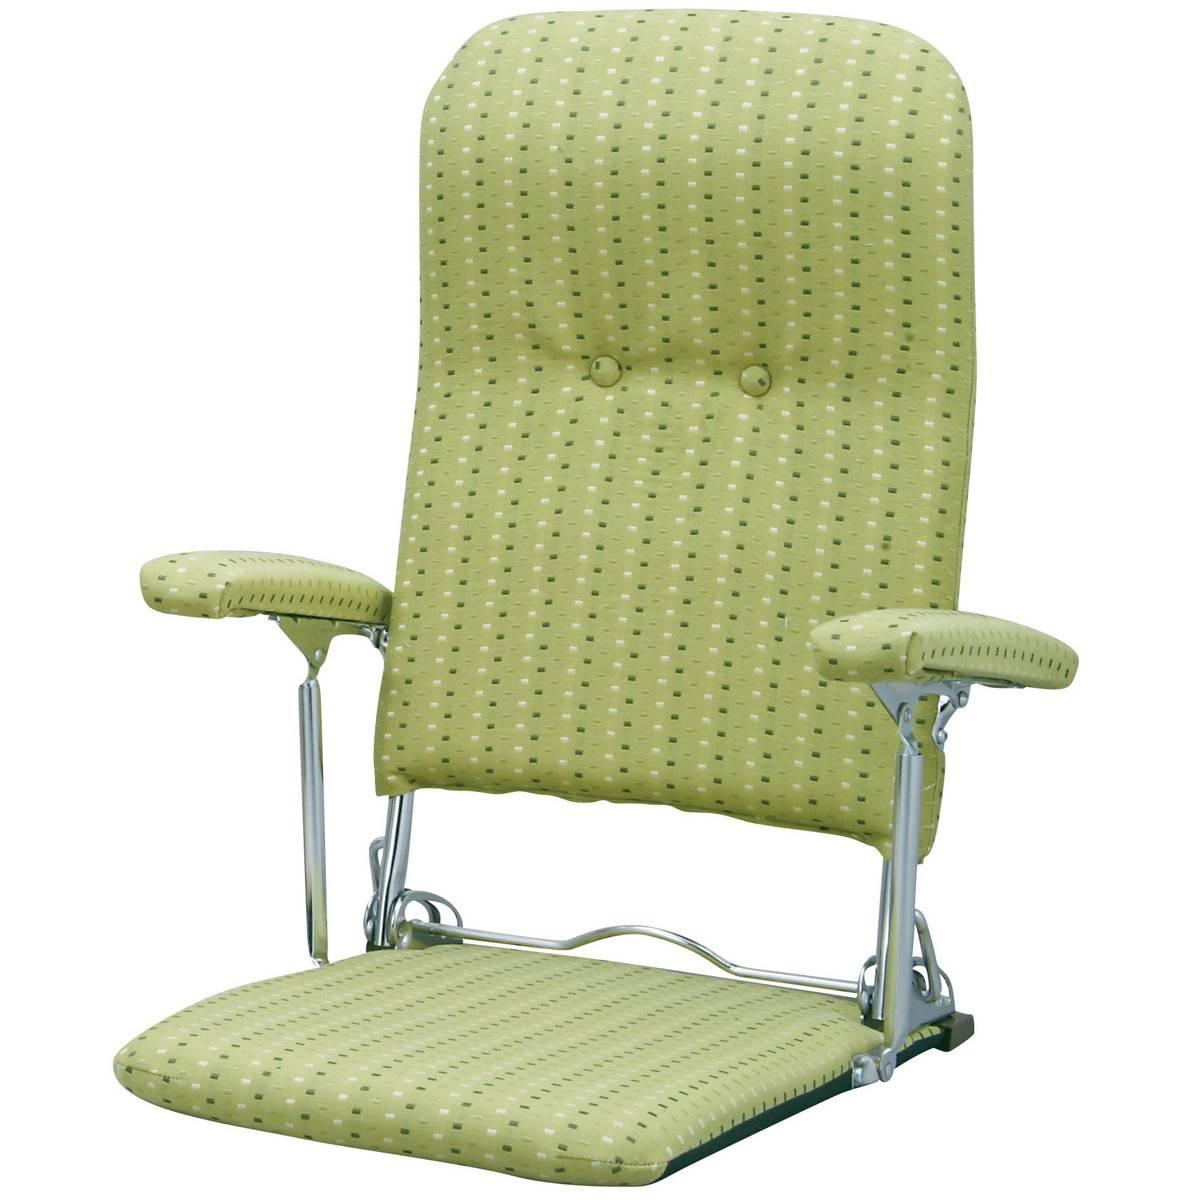 折りたたみ式 3段階リクライニング 肘置き付き 軽量座椅子 (グリーン)